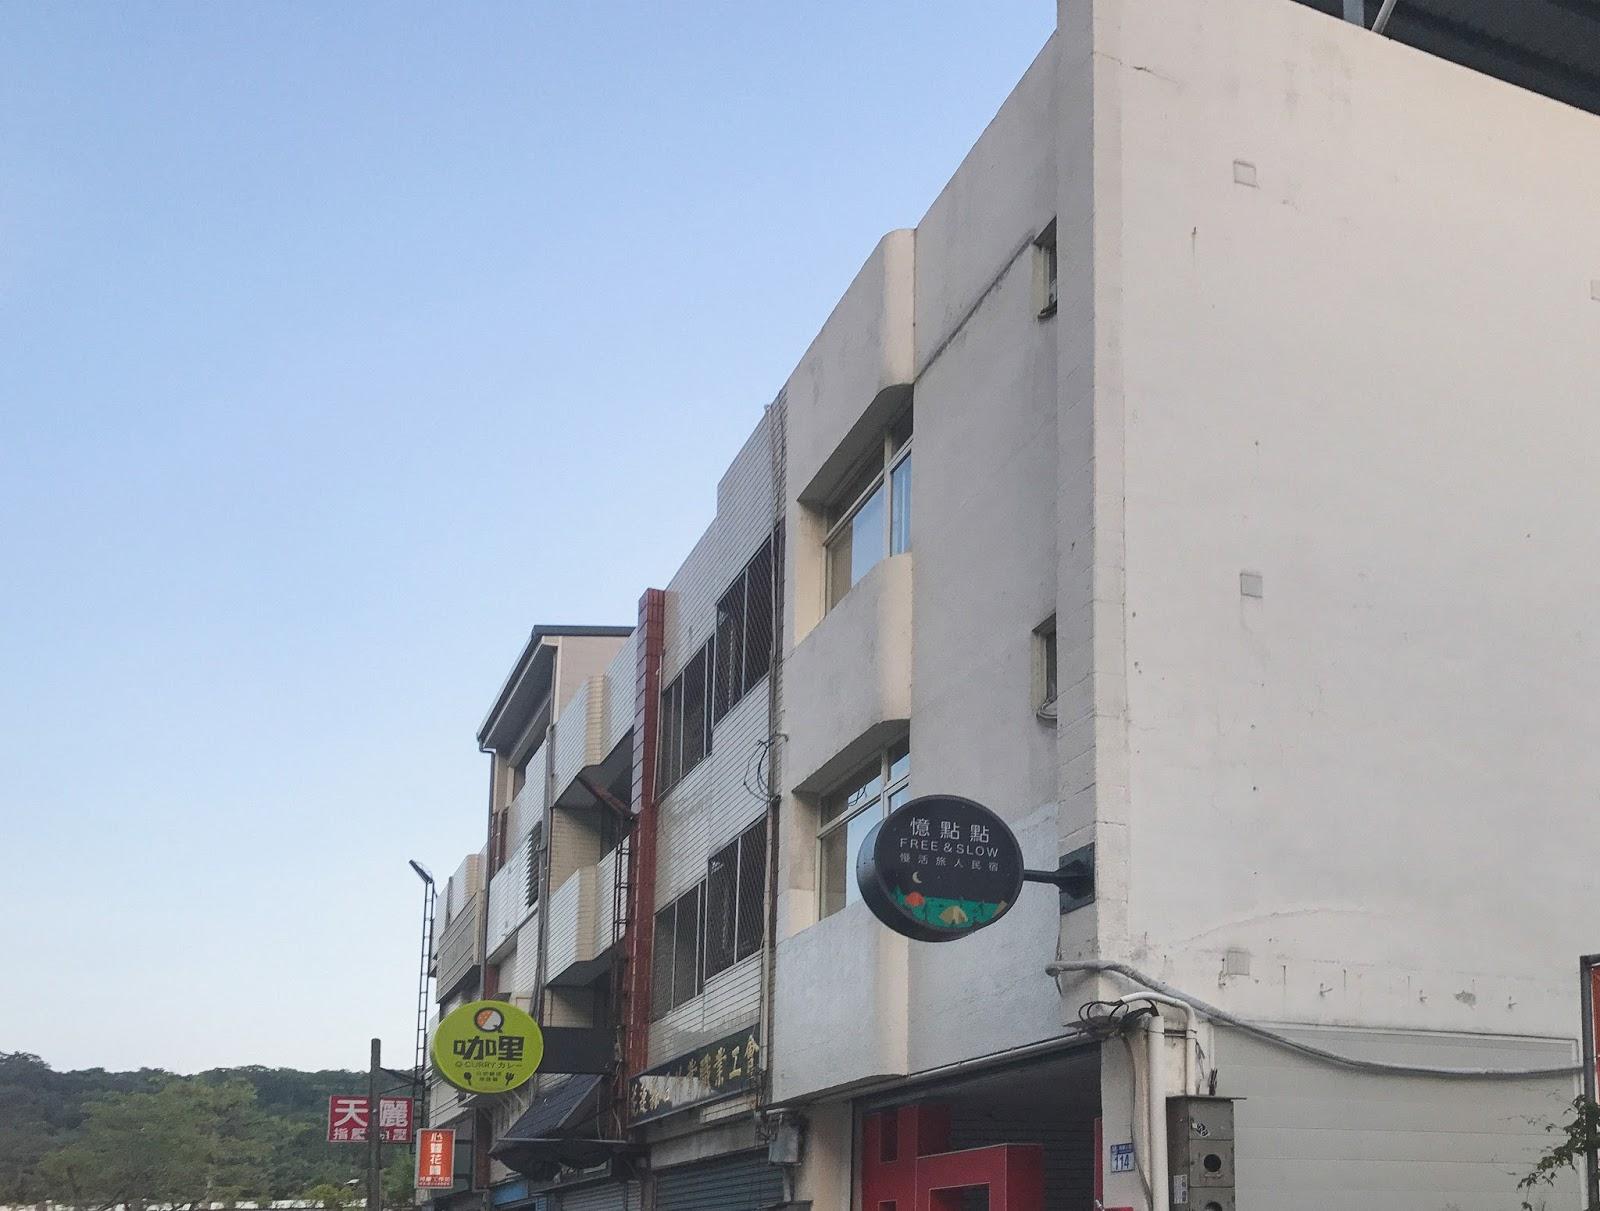 free slow hostel review cheap minsu hualien taiwan rh pekyj blogspot com